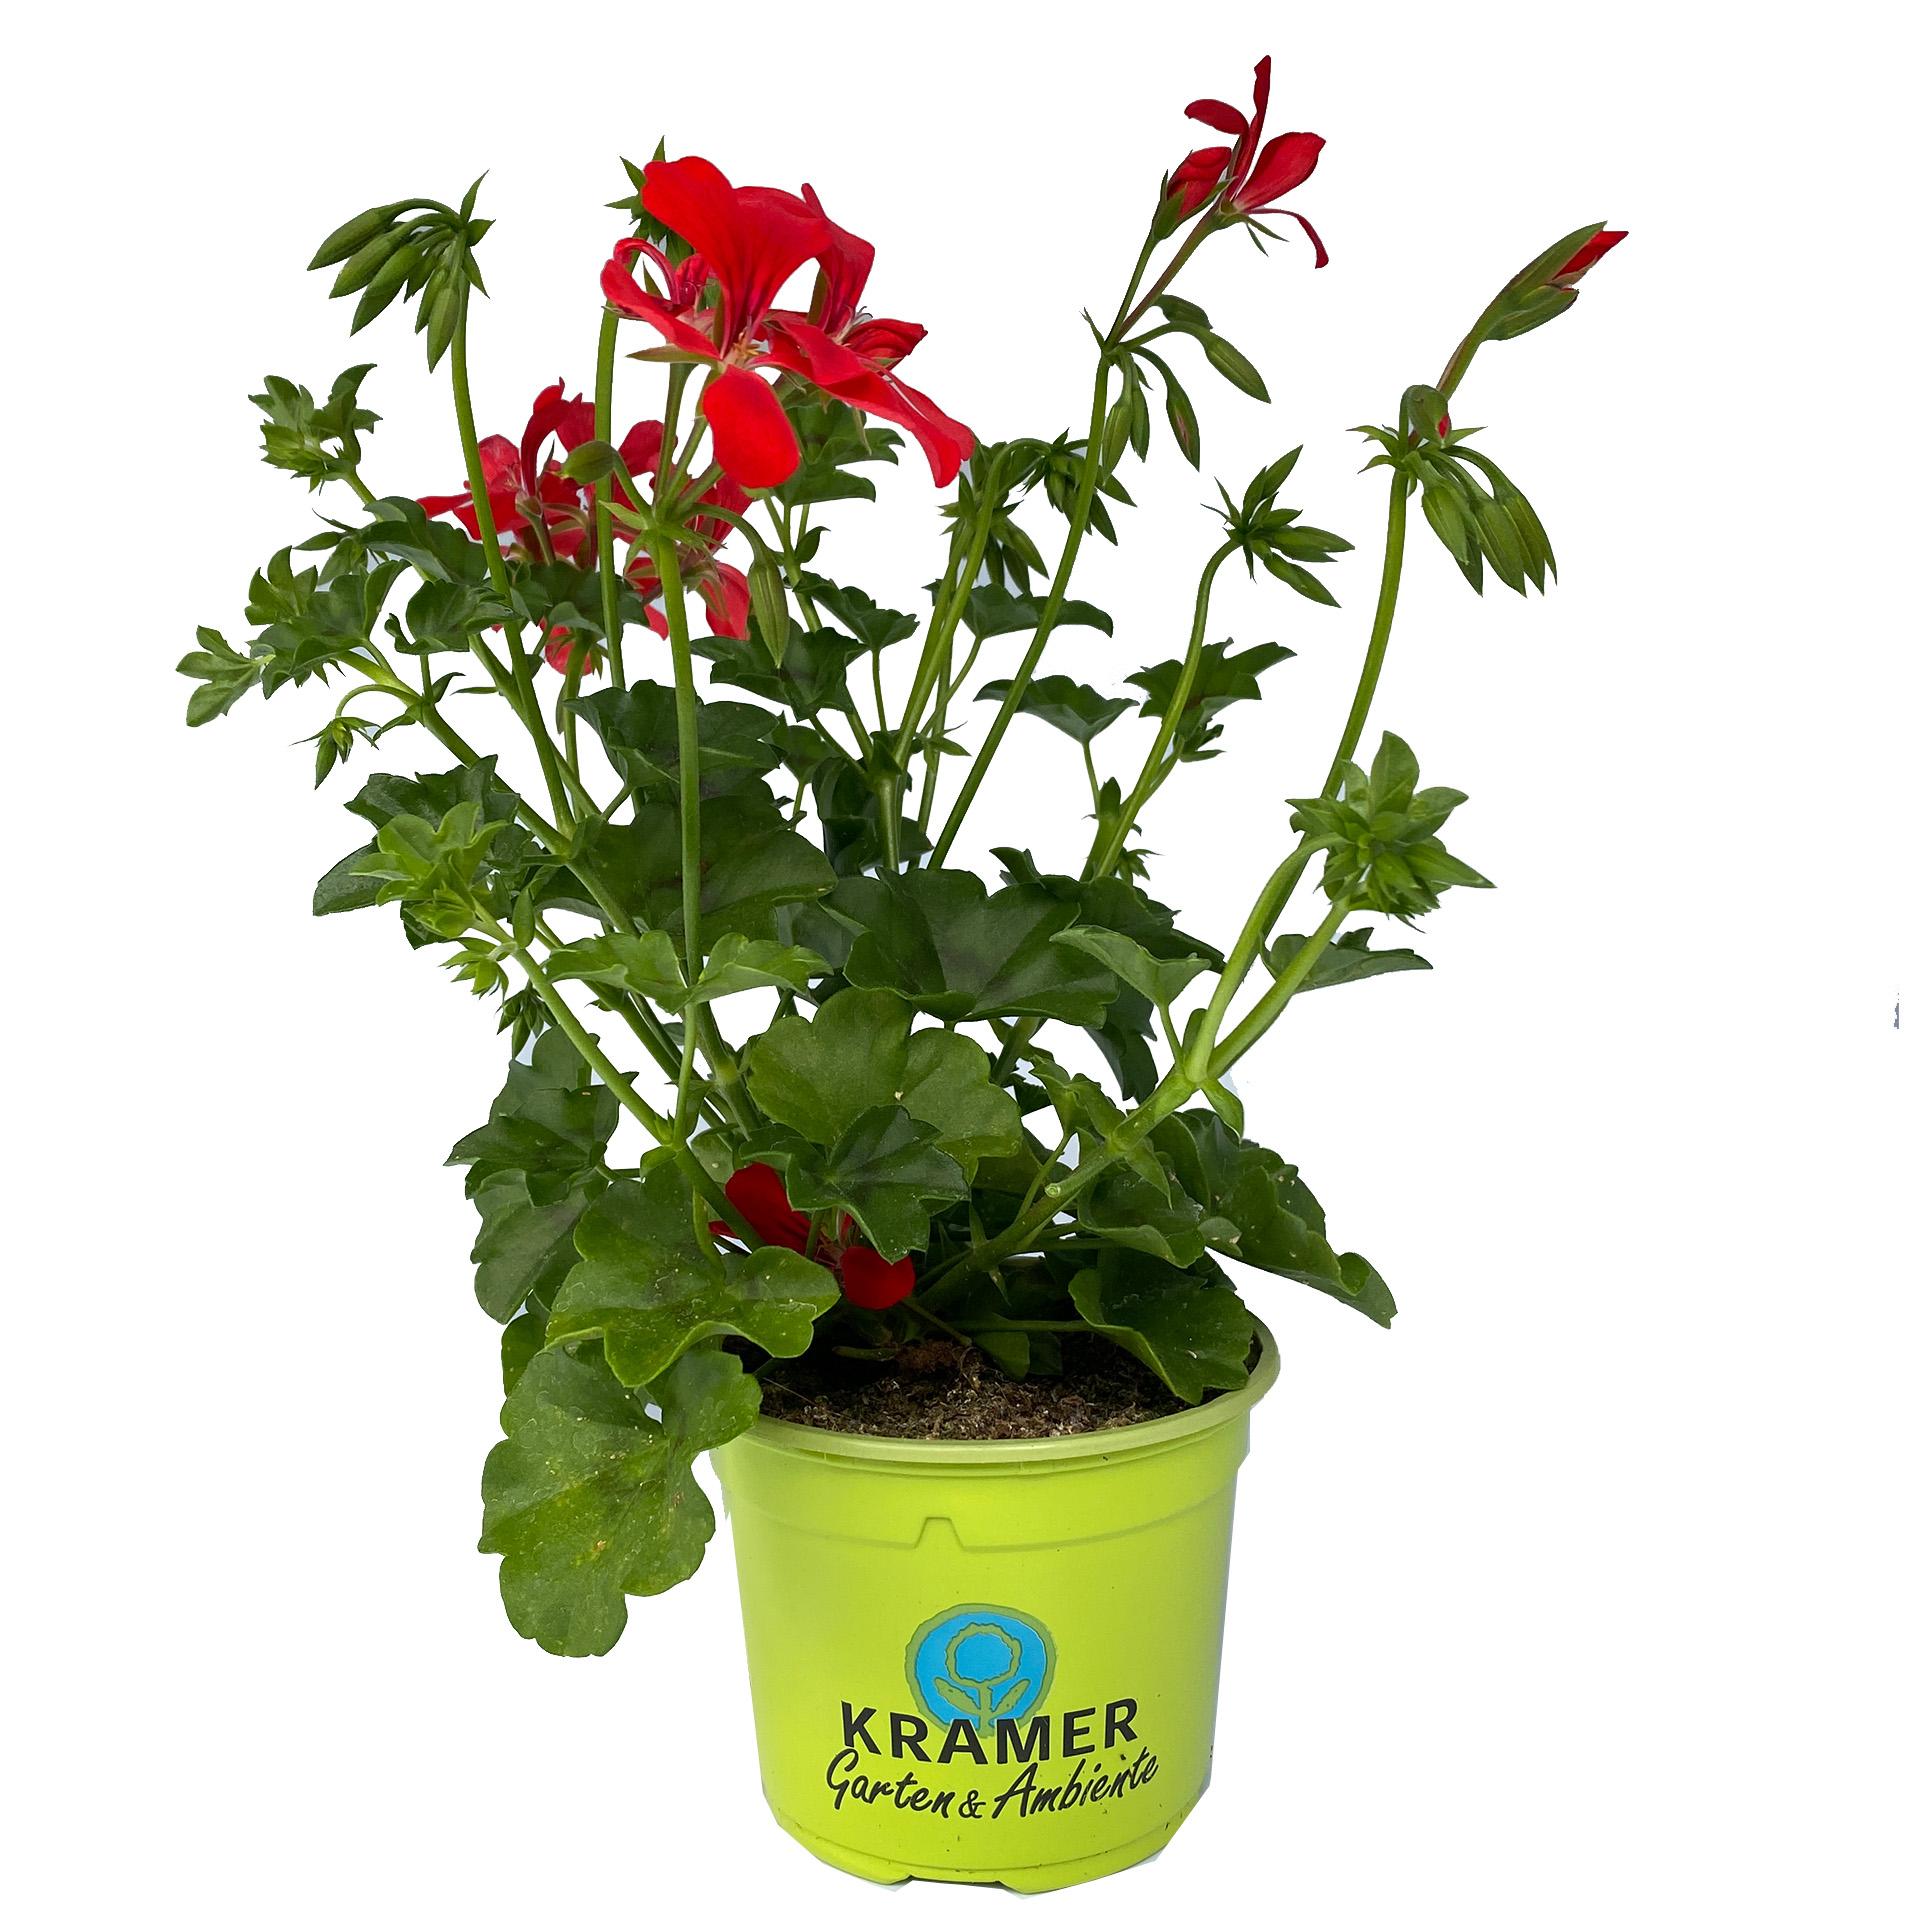 Geranie hängend - Pelargonium peltatum 'Rainbow Red', 12cm Topf